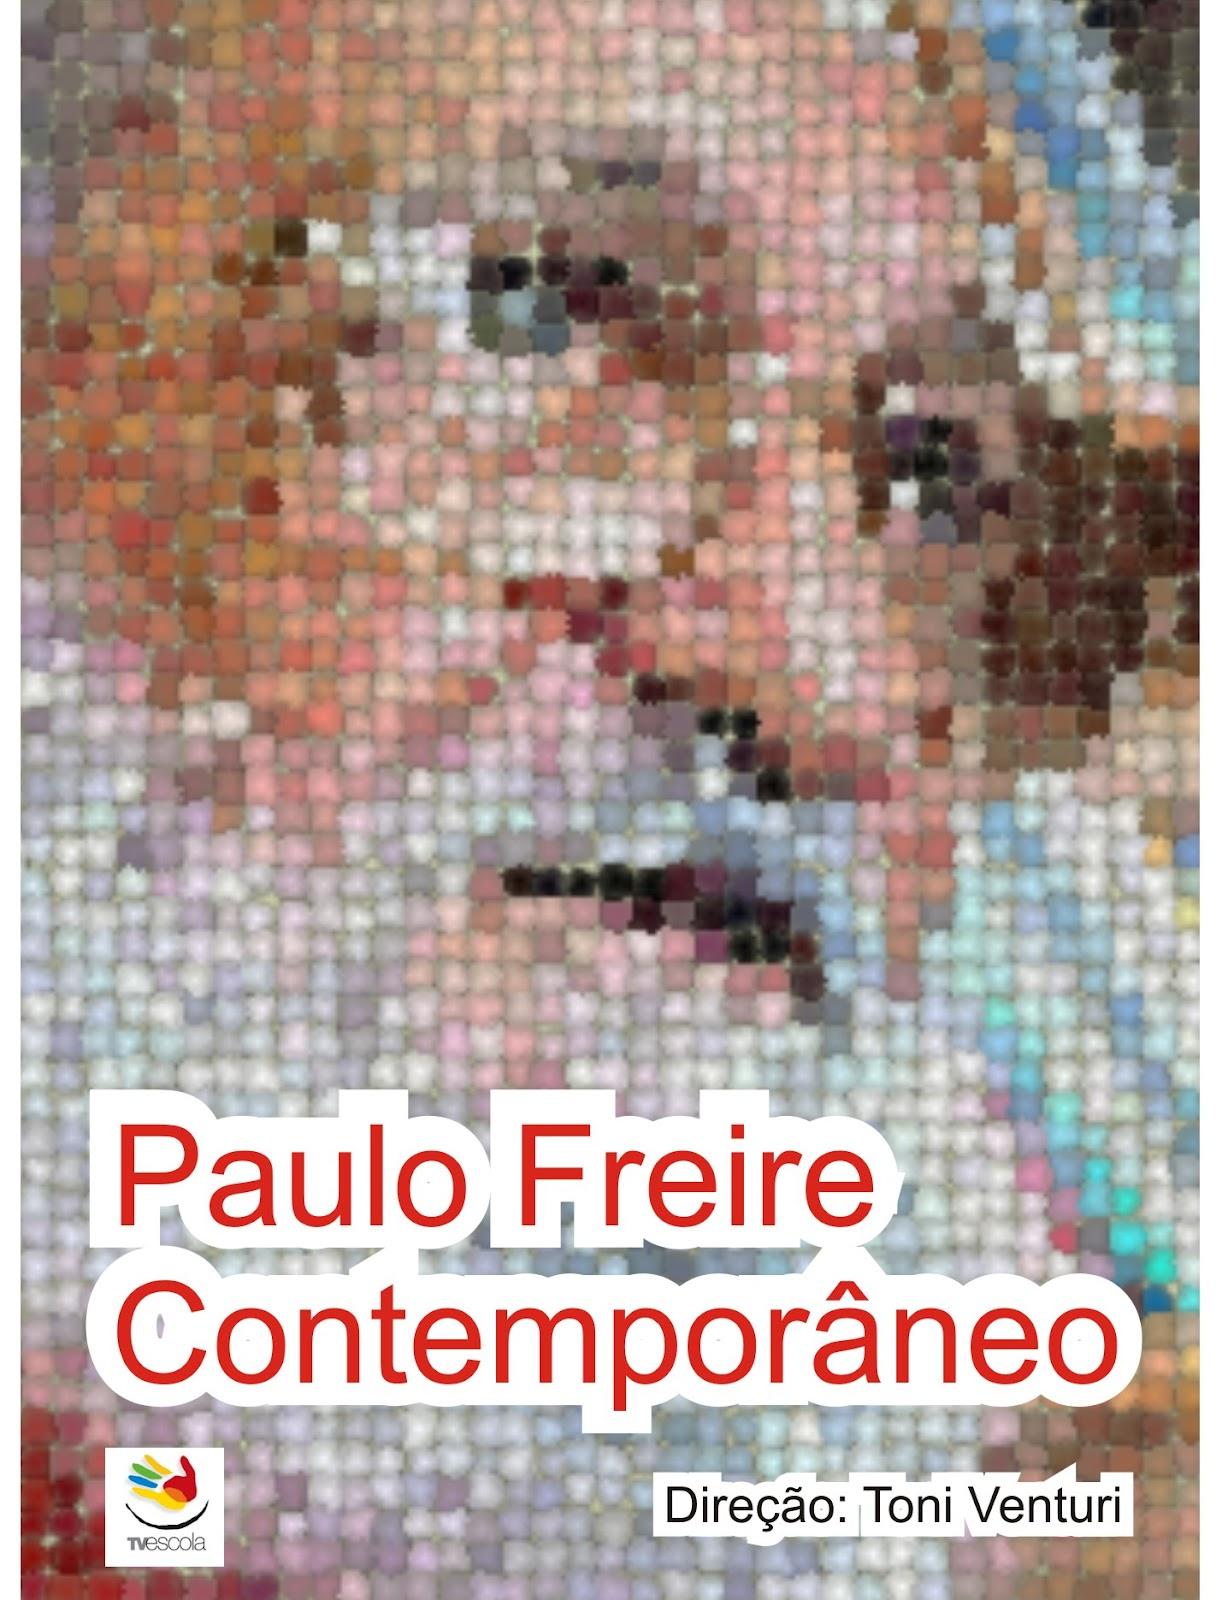 paulo freire letter 6 Köp böcker av paulo freire: pedagogy of the oppressed education for critical  consciousness pedagogy  letters to cristina  skickas inom 3-6 vardagar.